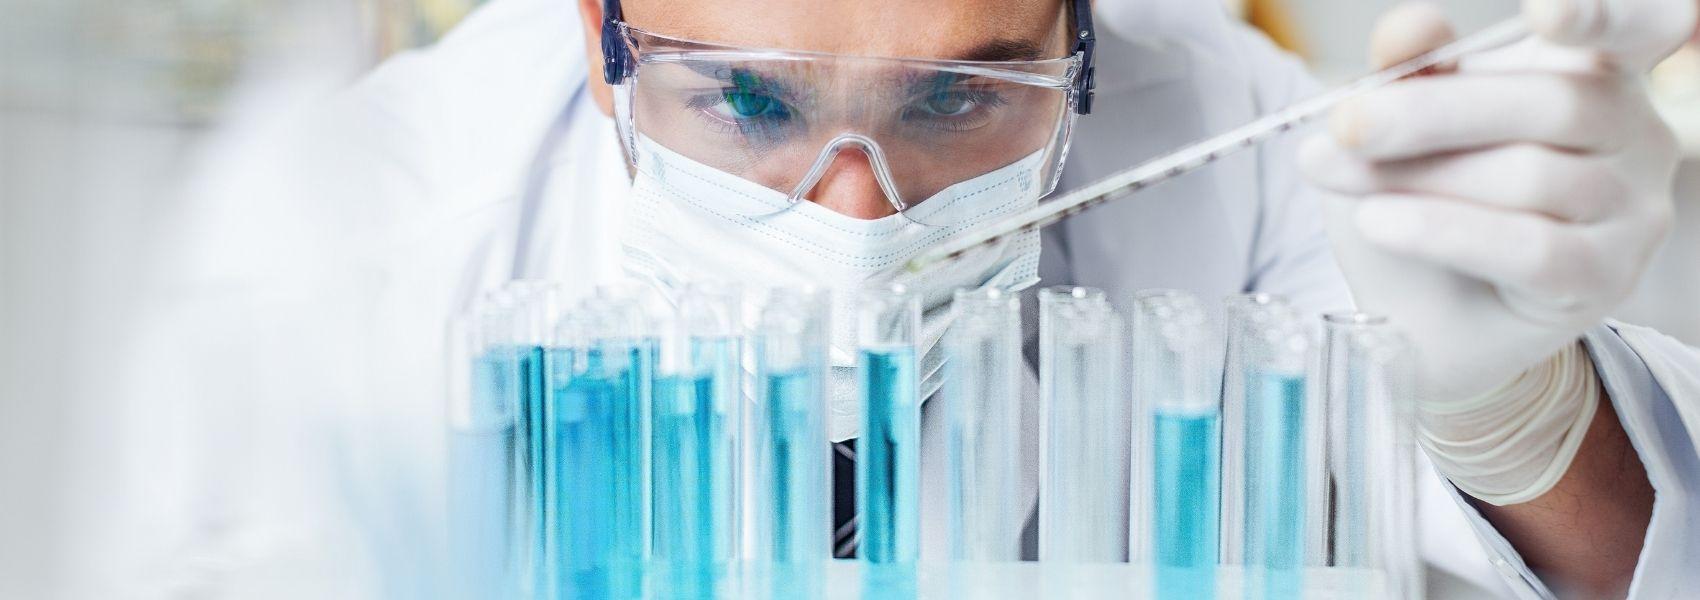 Número de pedidos de ensaios clínicos aumentou 30% em 2020